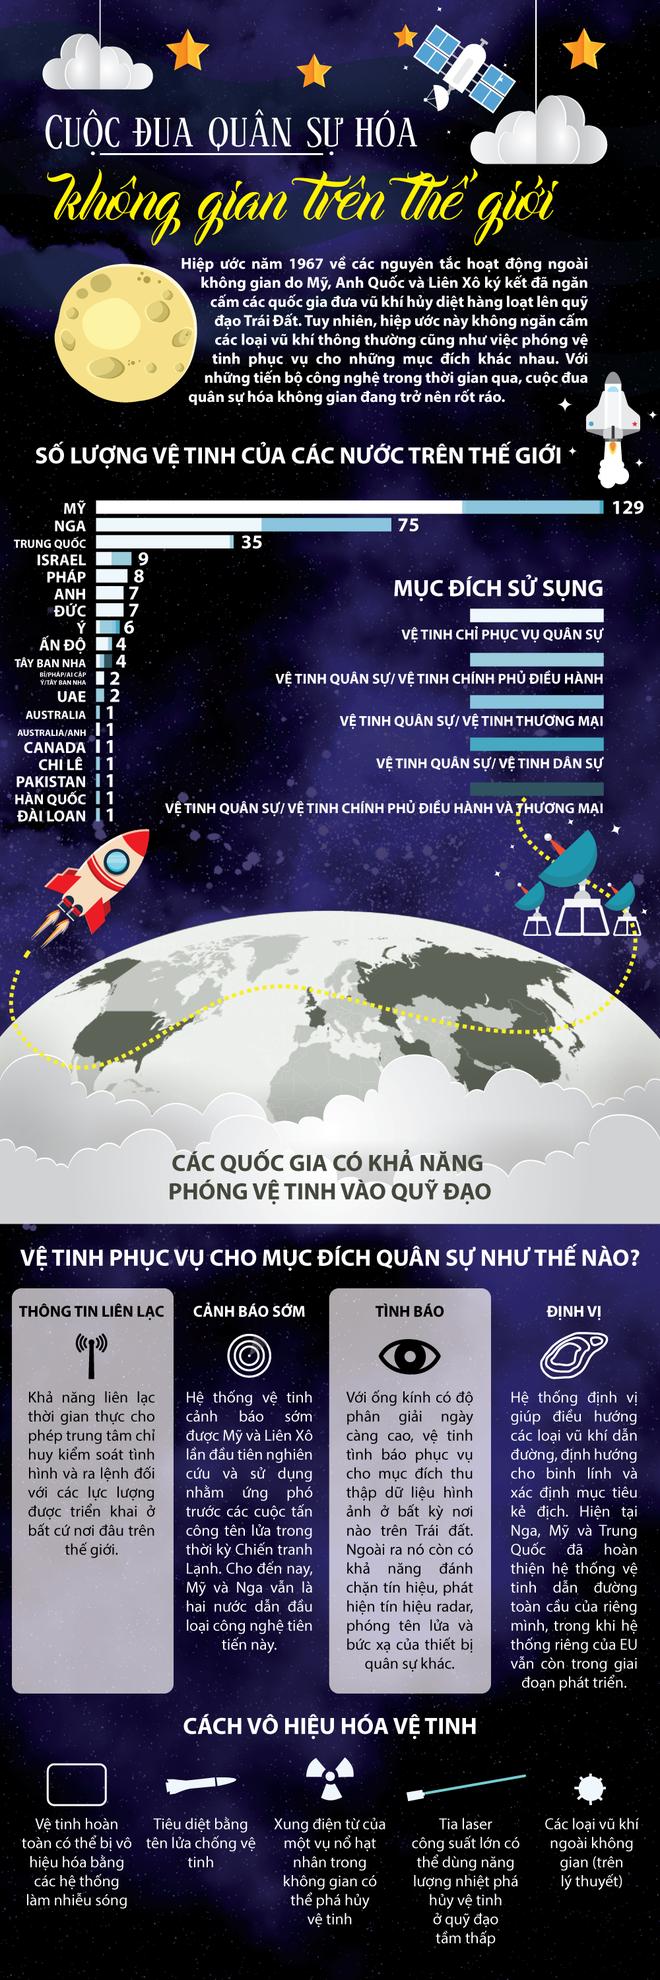 Infographic: Cuộc đua quân sự hóa không gian trên thế giới - Ảnh 1.